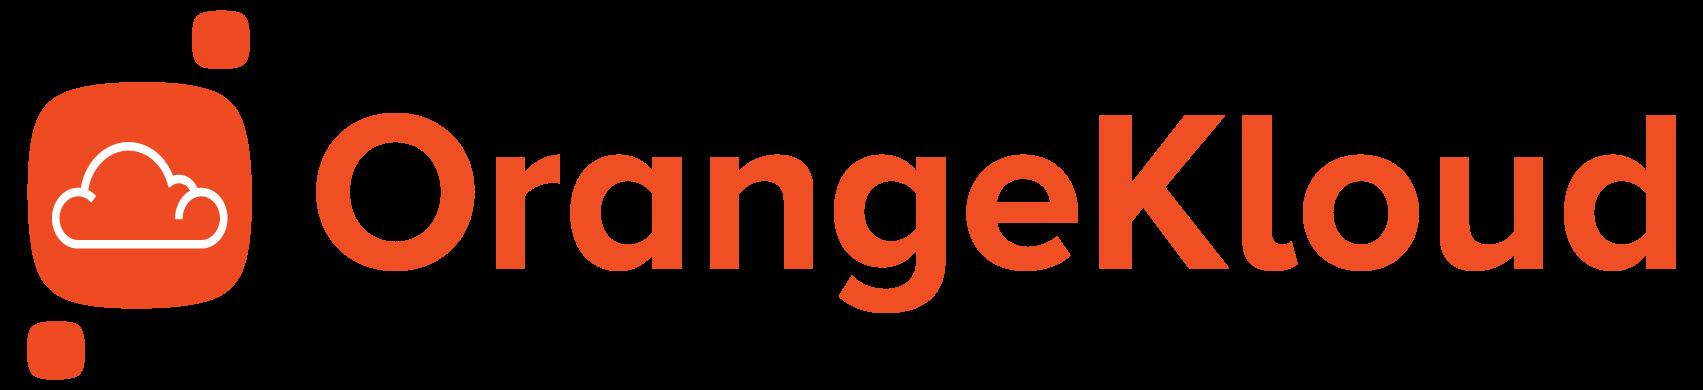 Orangekloud Customer Self Ordering App - OrangeKloud Inc